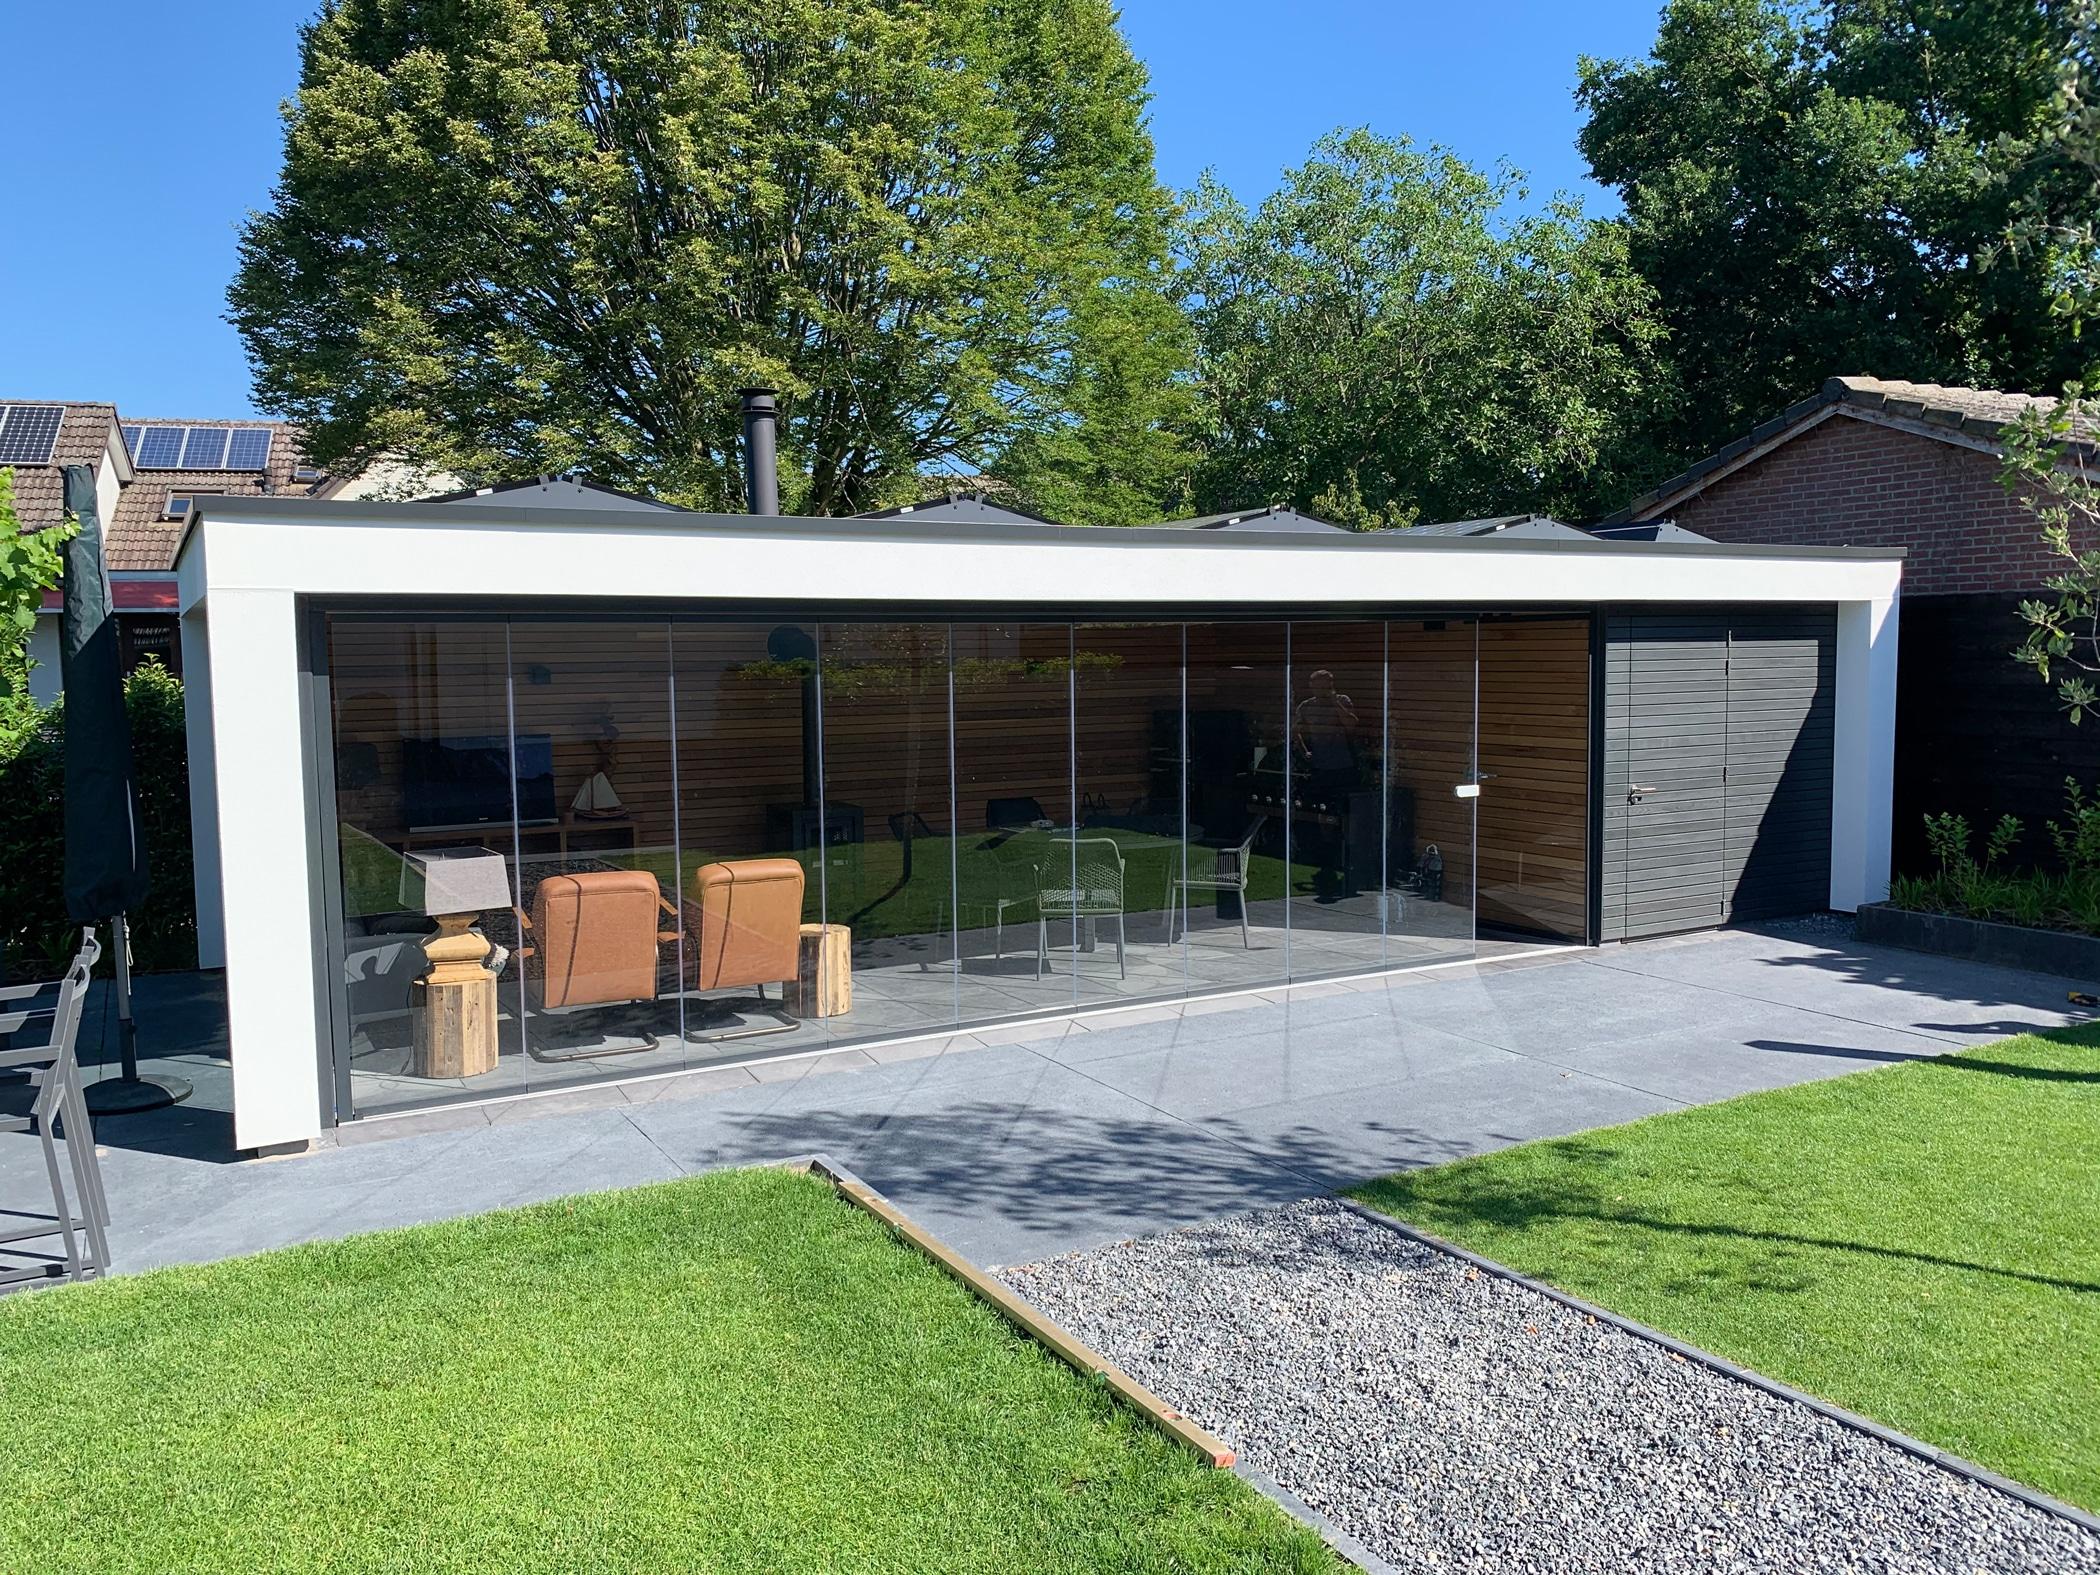 Referenz Gartenhaus mit Glas-Schiebe-Dreh Türen transparent